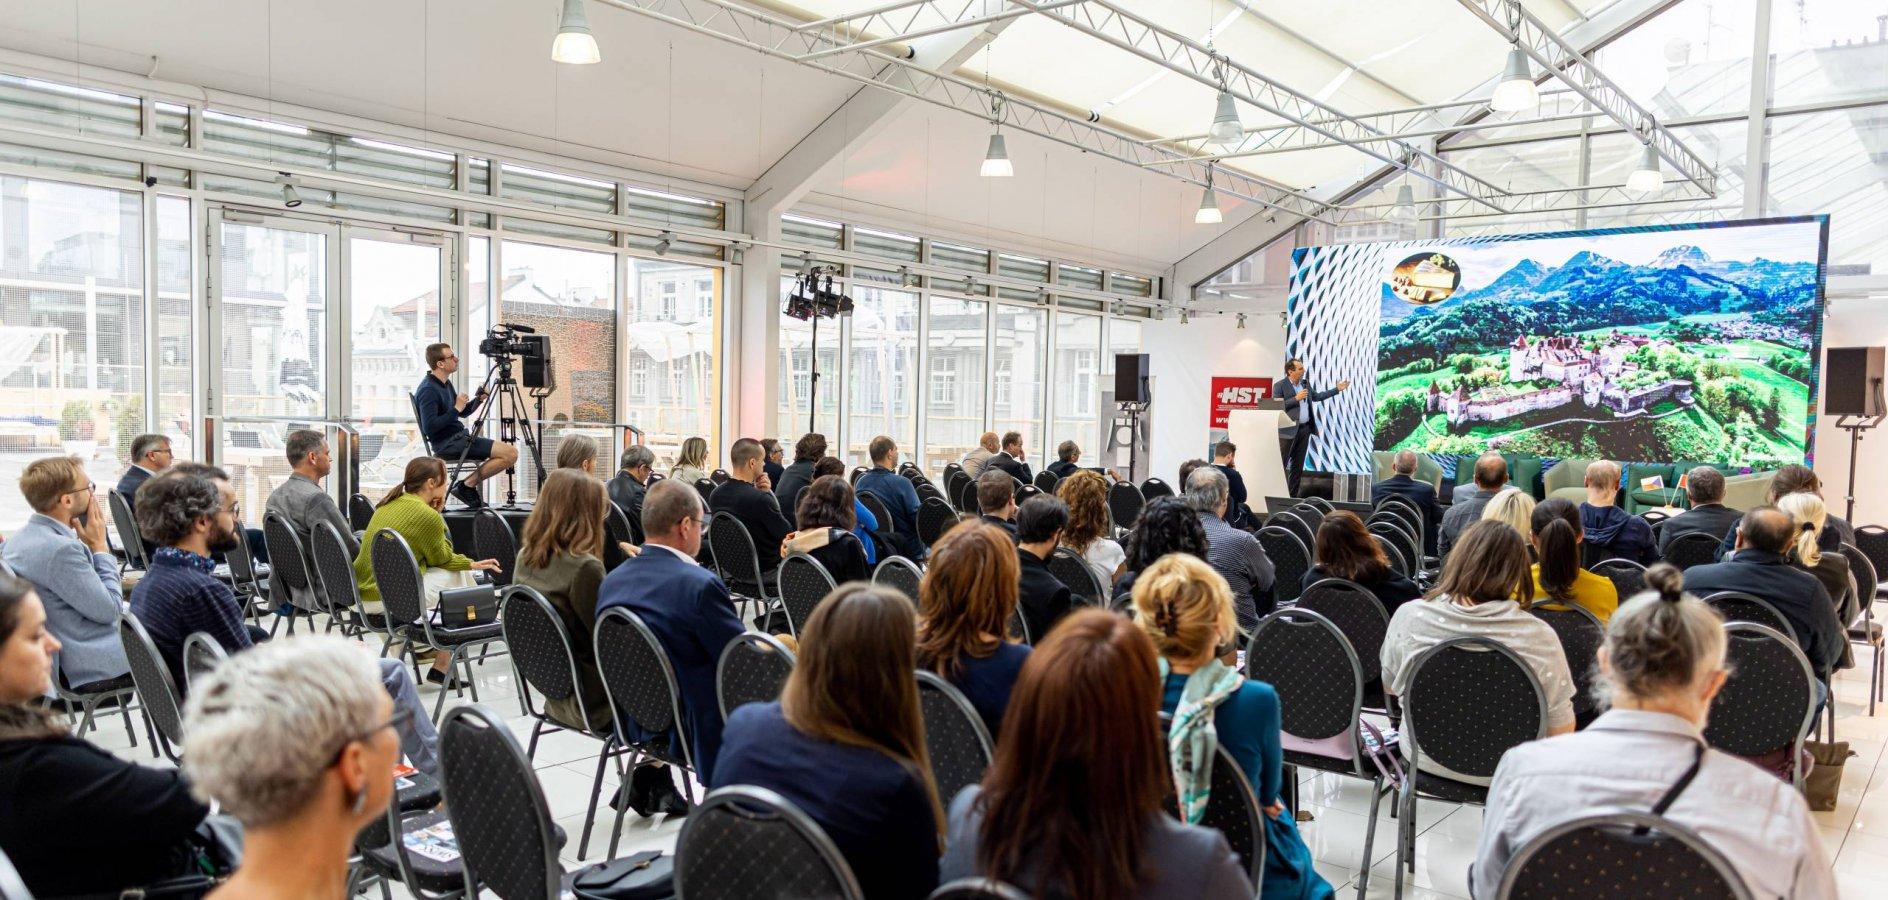 Den švýcarské a české architektury, konference, diskuze, architektura, laufen